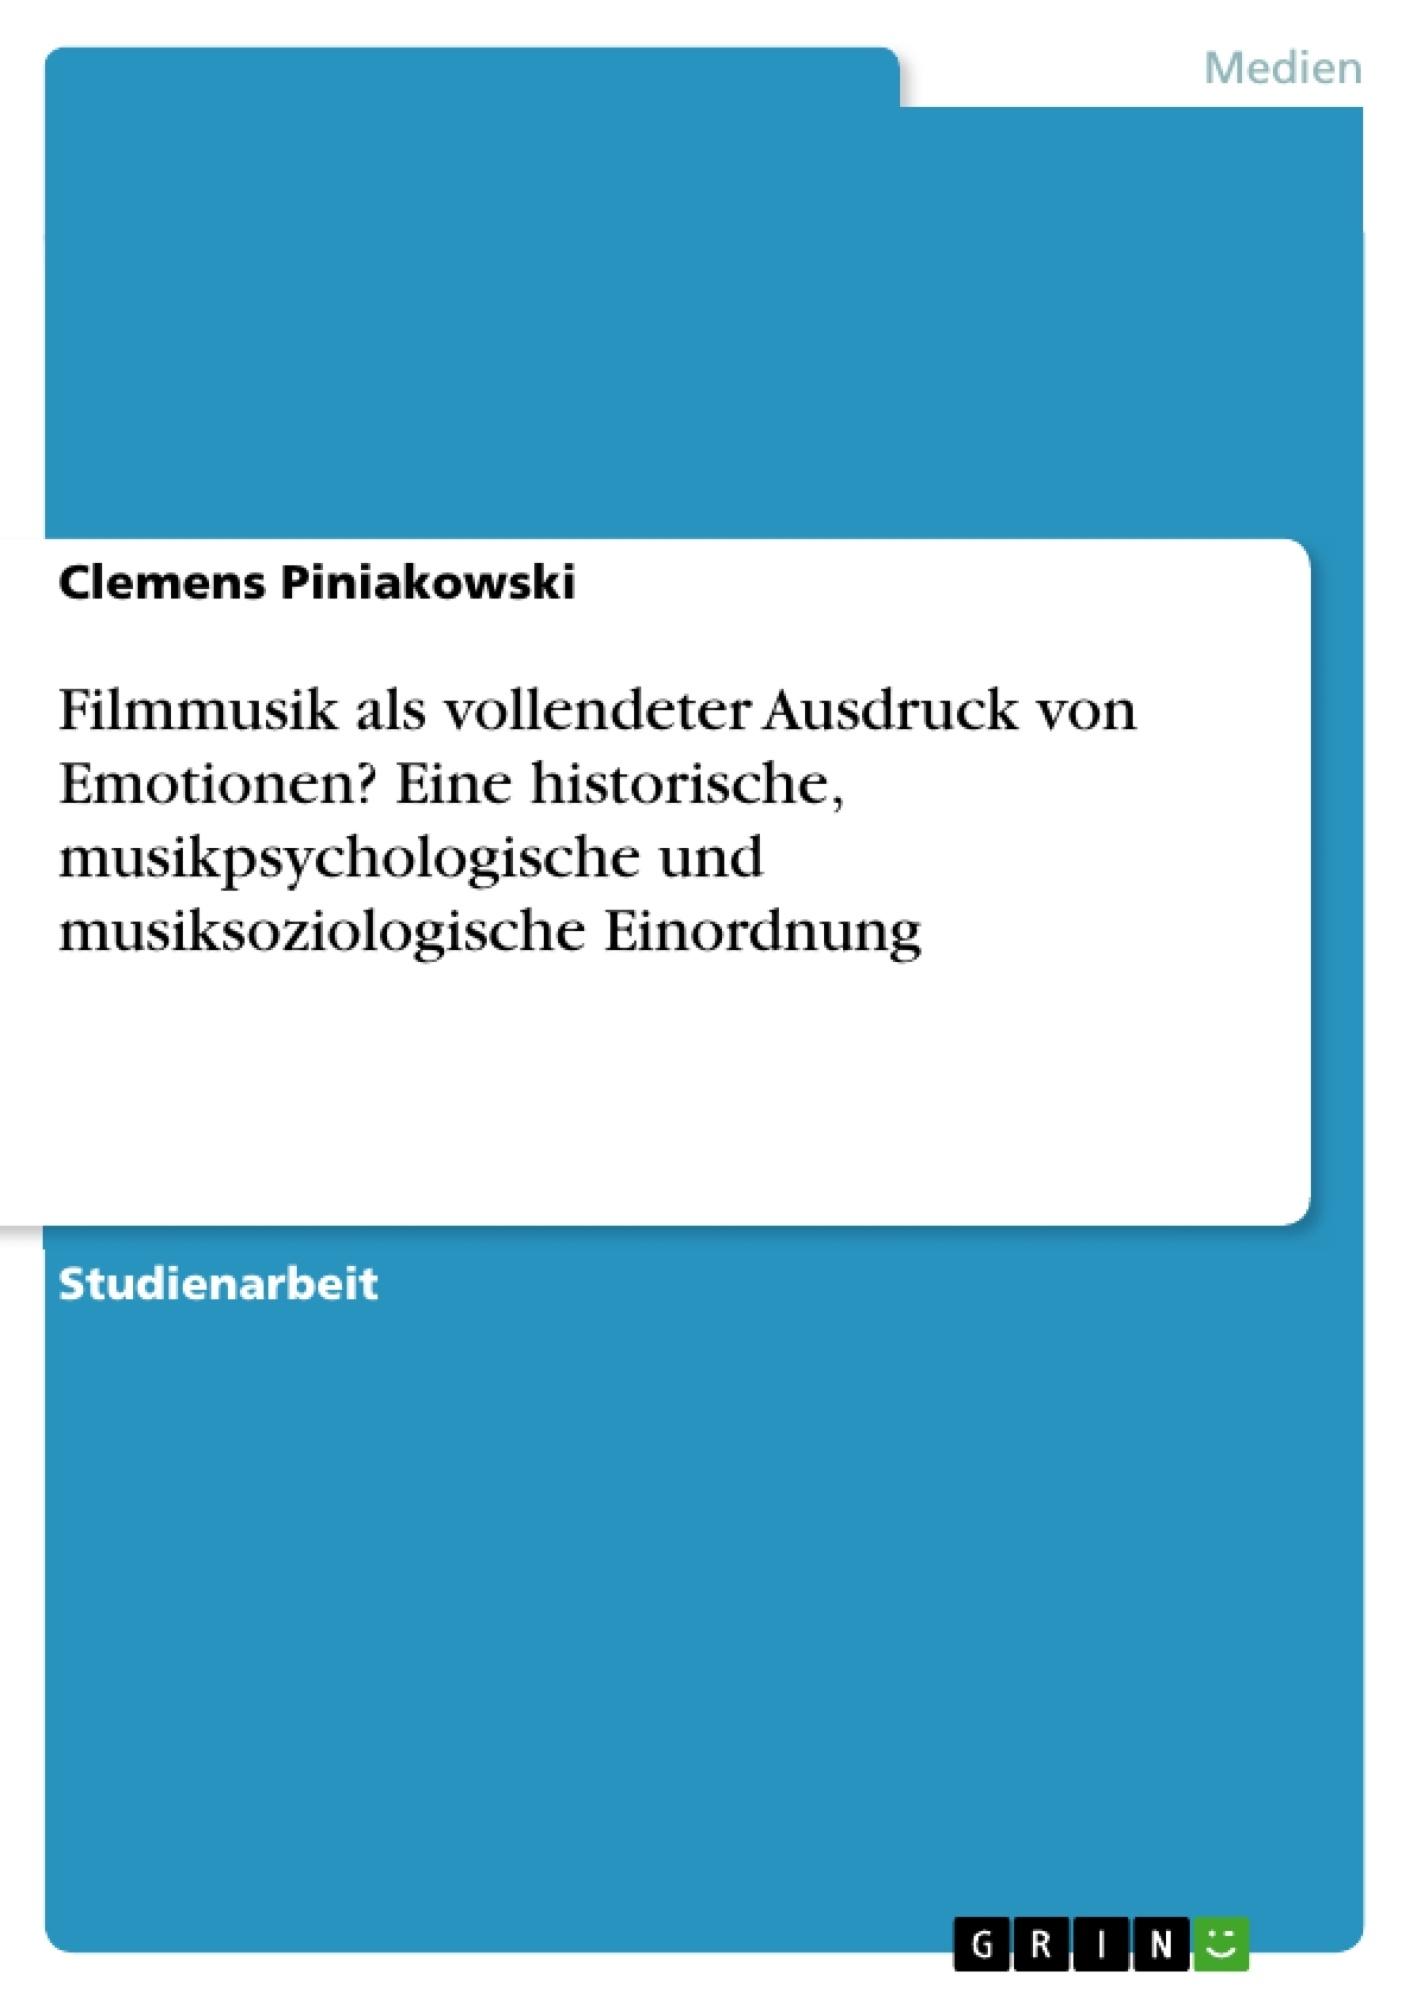 Titel: Filmmusik als vollendeter Ausdruck von Emotionen? Eine historische, musikpsychologische und musiksoziologische Einordnung